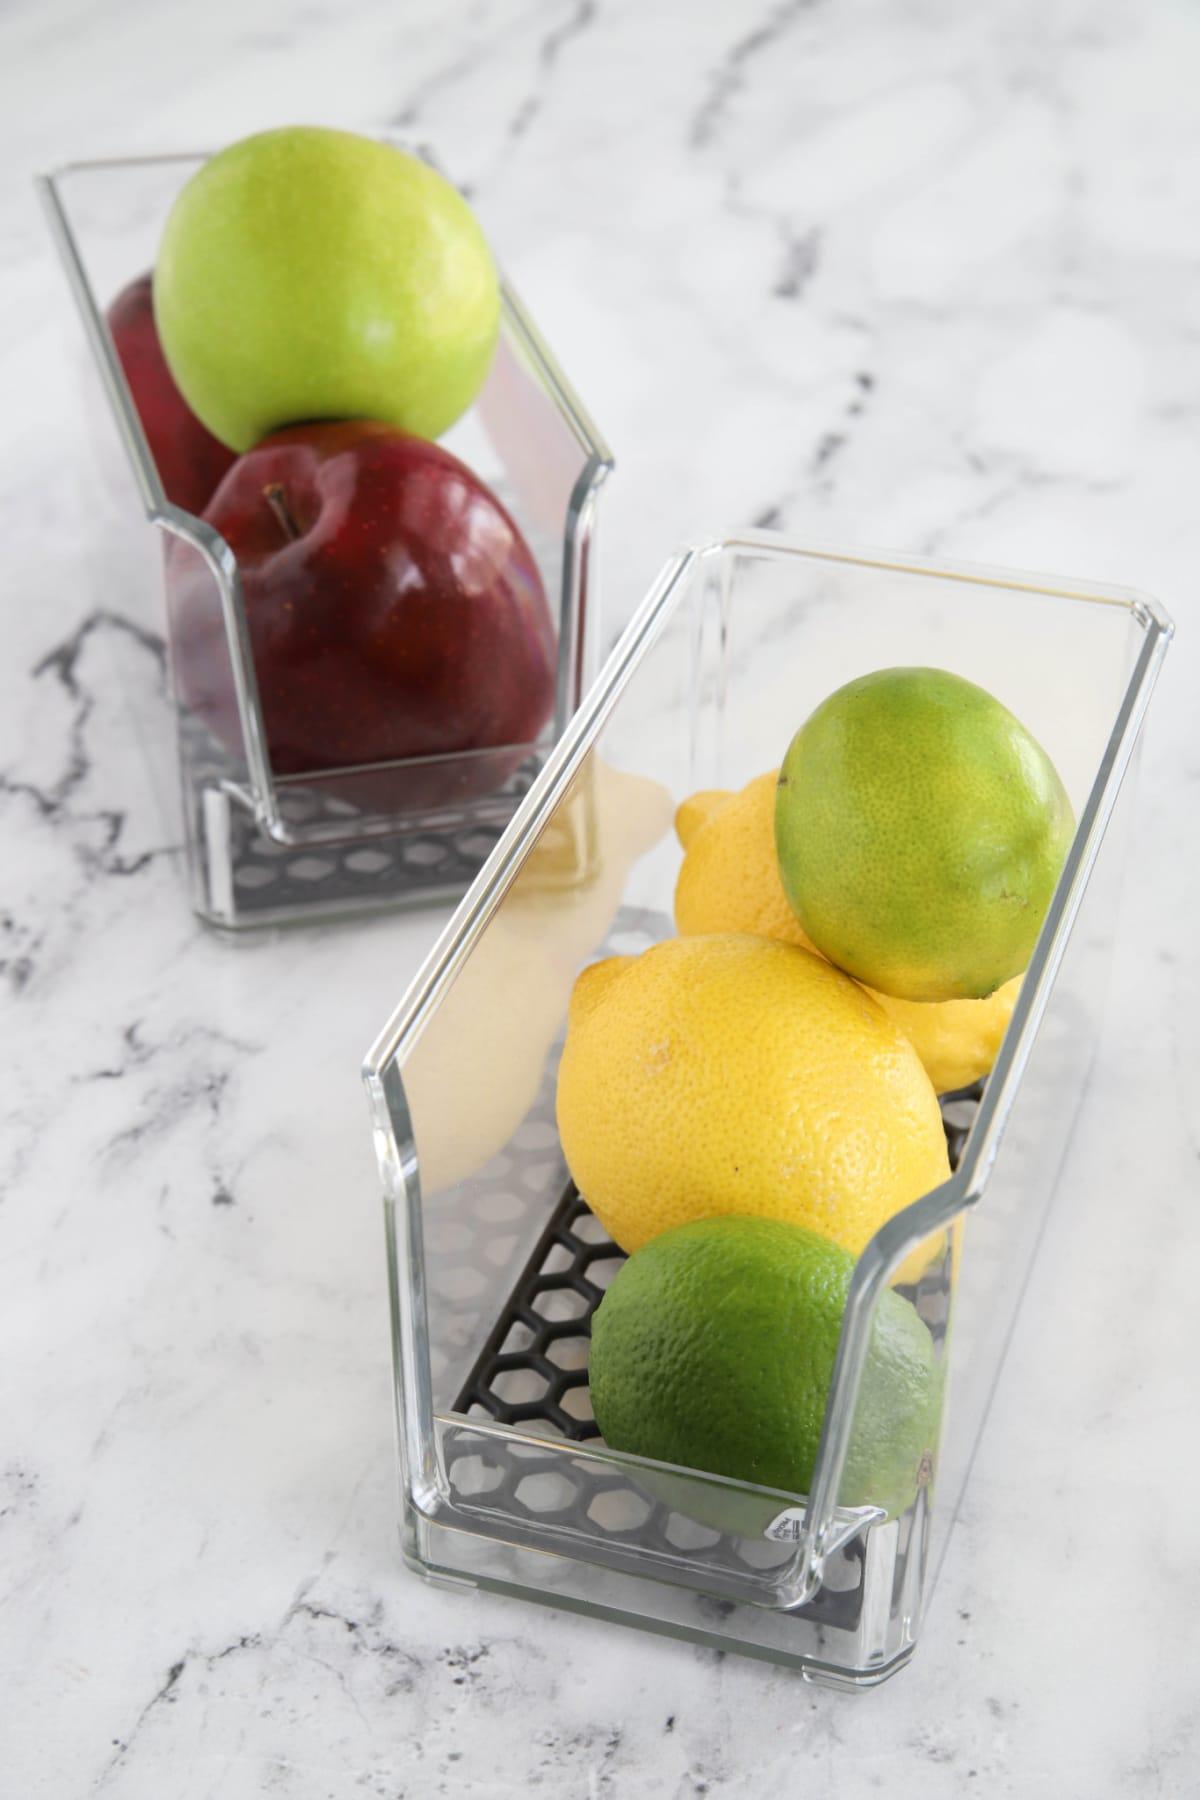 Fruit in HEXA bins